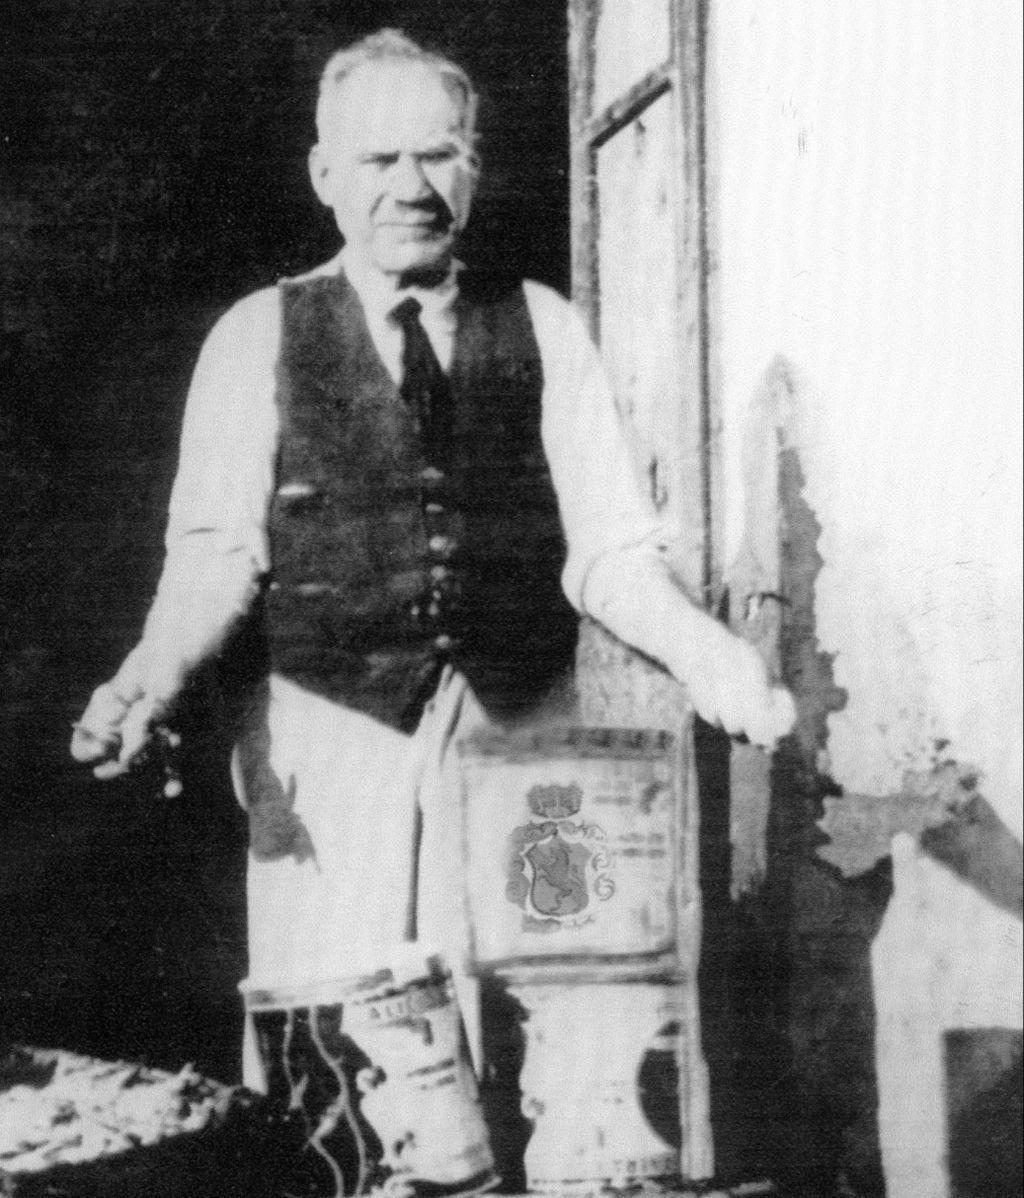 Il nono (el abuelo ) Ignacio